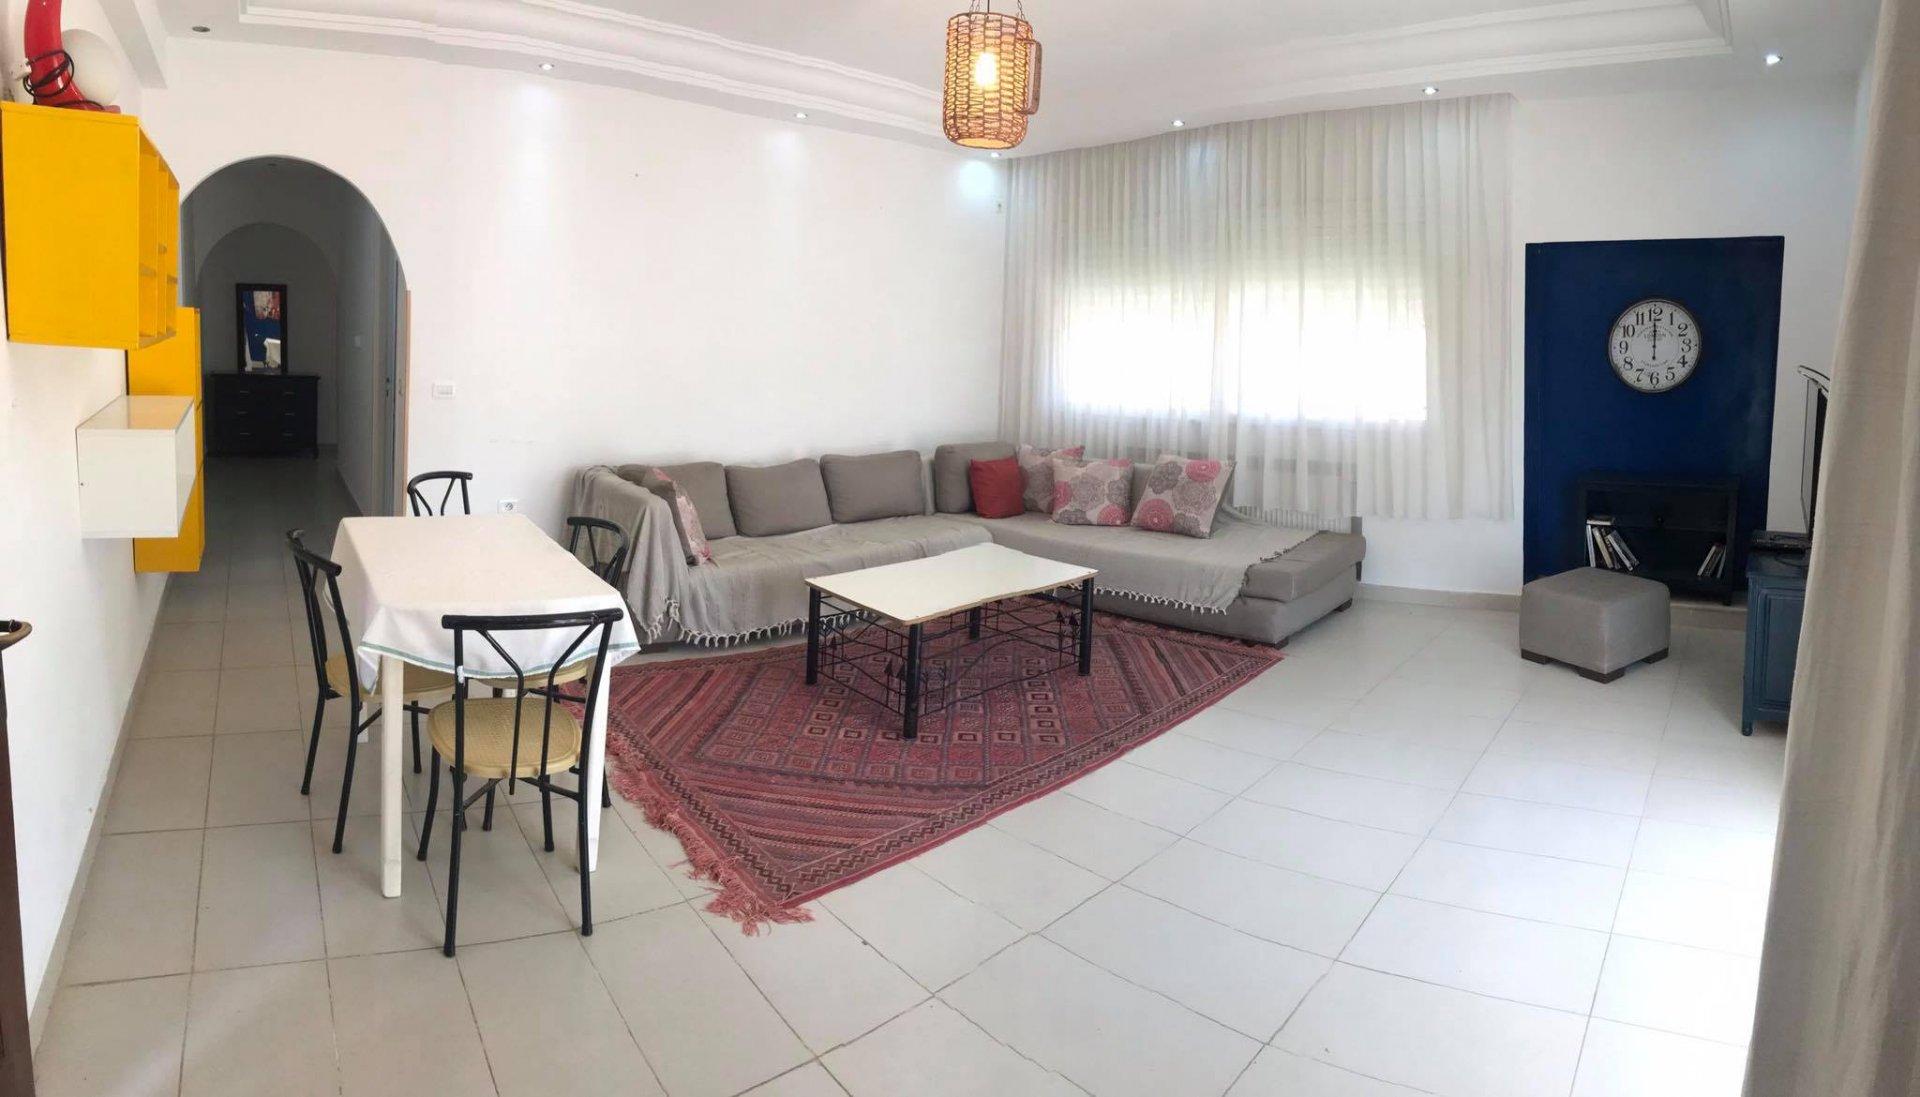 Location étage de Villa S+2 meublé Jardins de Carthage